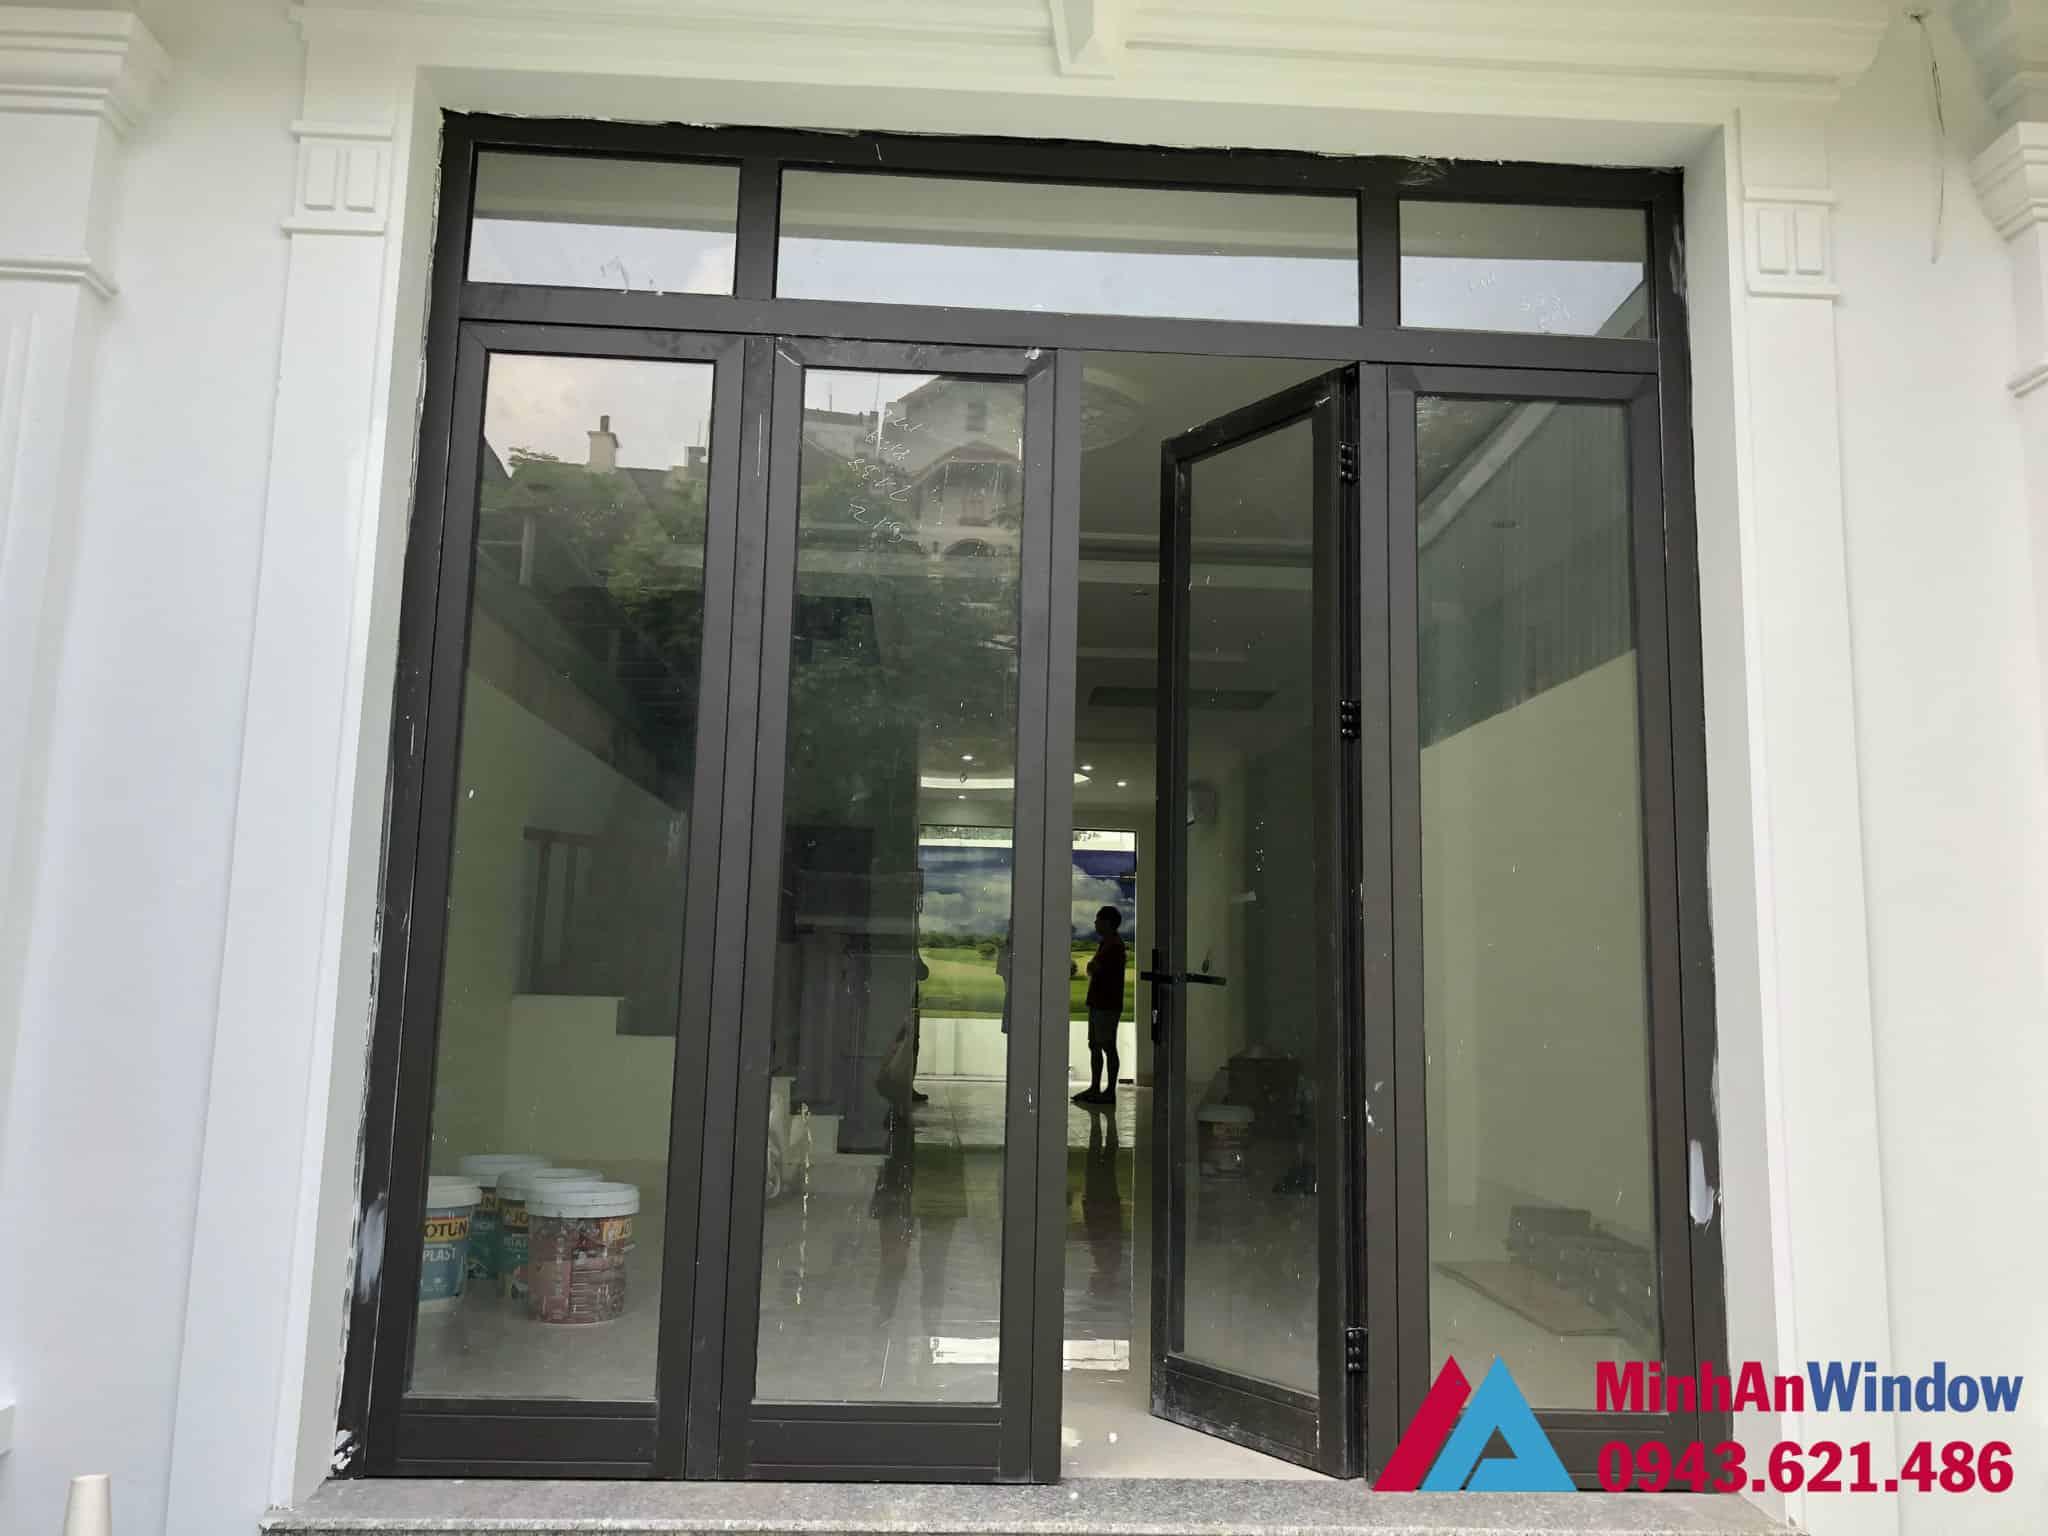 Mẫu cửa đi nhôm kính mở quay 4 cánh ghi xám Minh An Window lắp đặt cho khách hàng tại huyện Thanh Trì